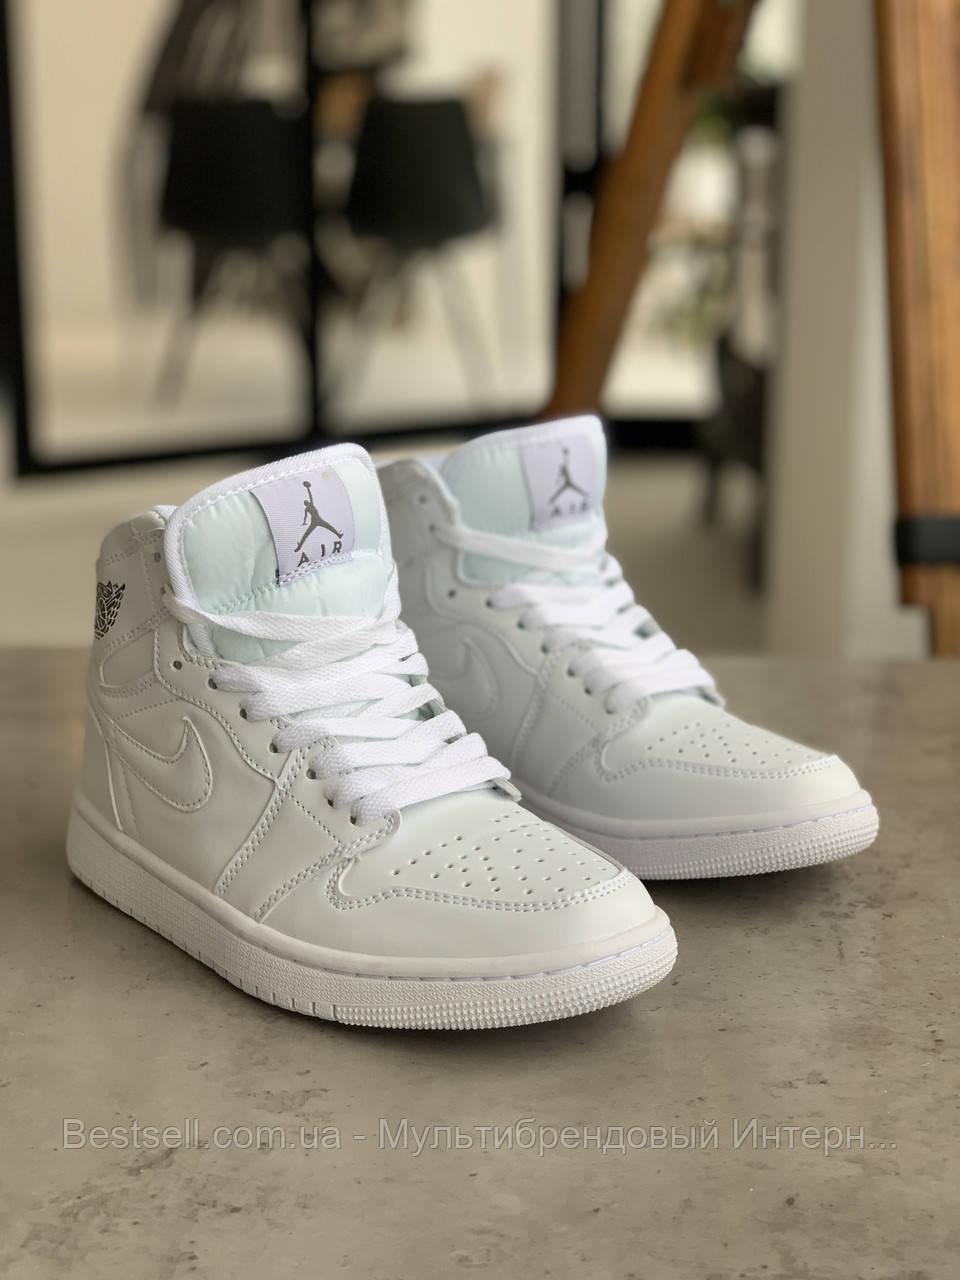 Кросівки Nike Air Jordan 1 Retro White Найк Аїр Джордан 1 Ретро Білі (41,42,43,44,45)